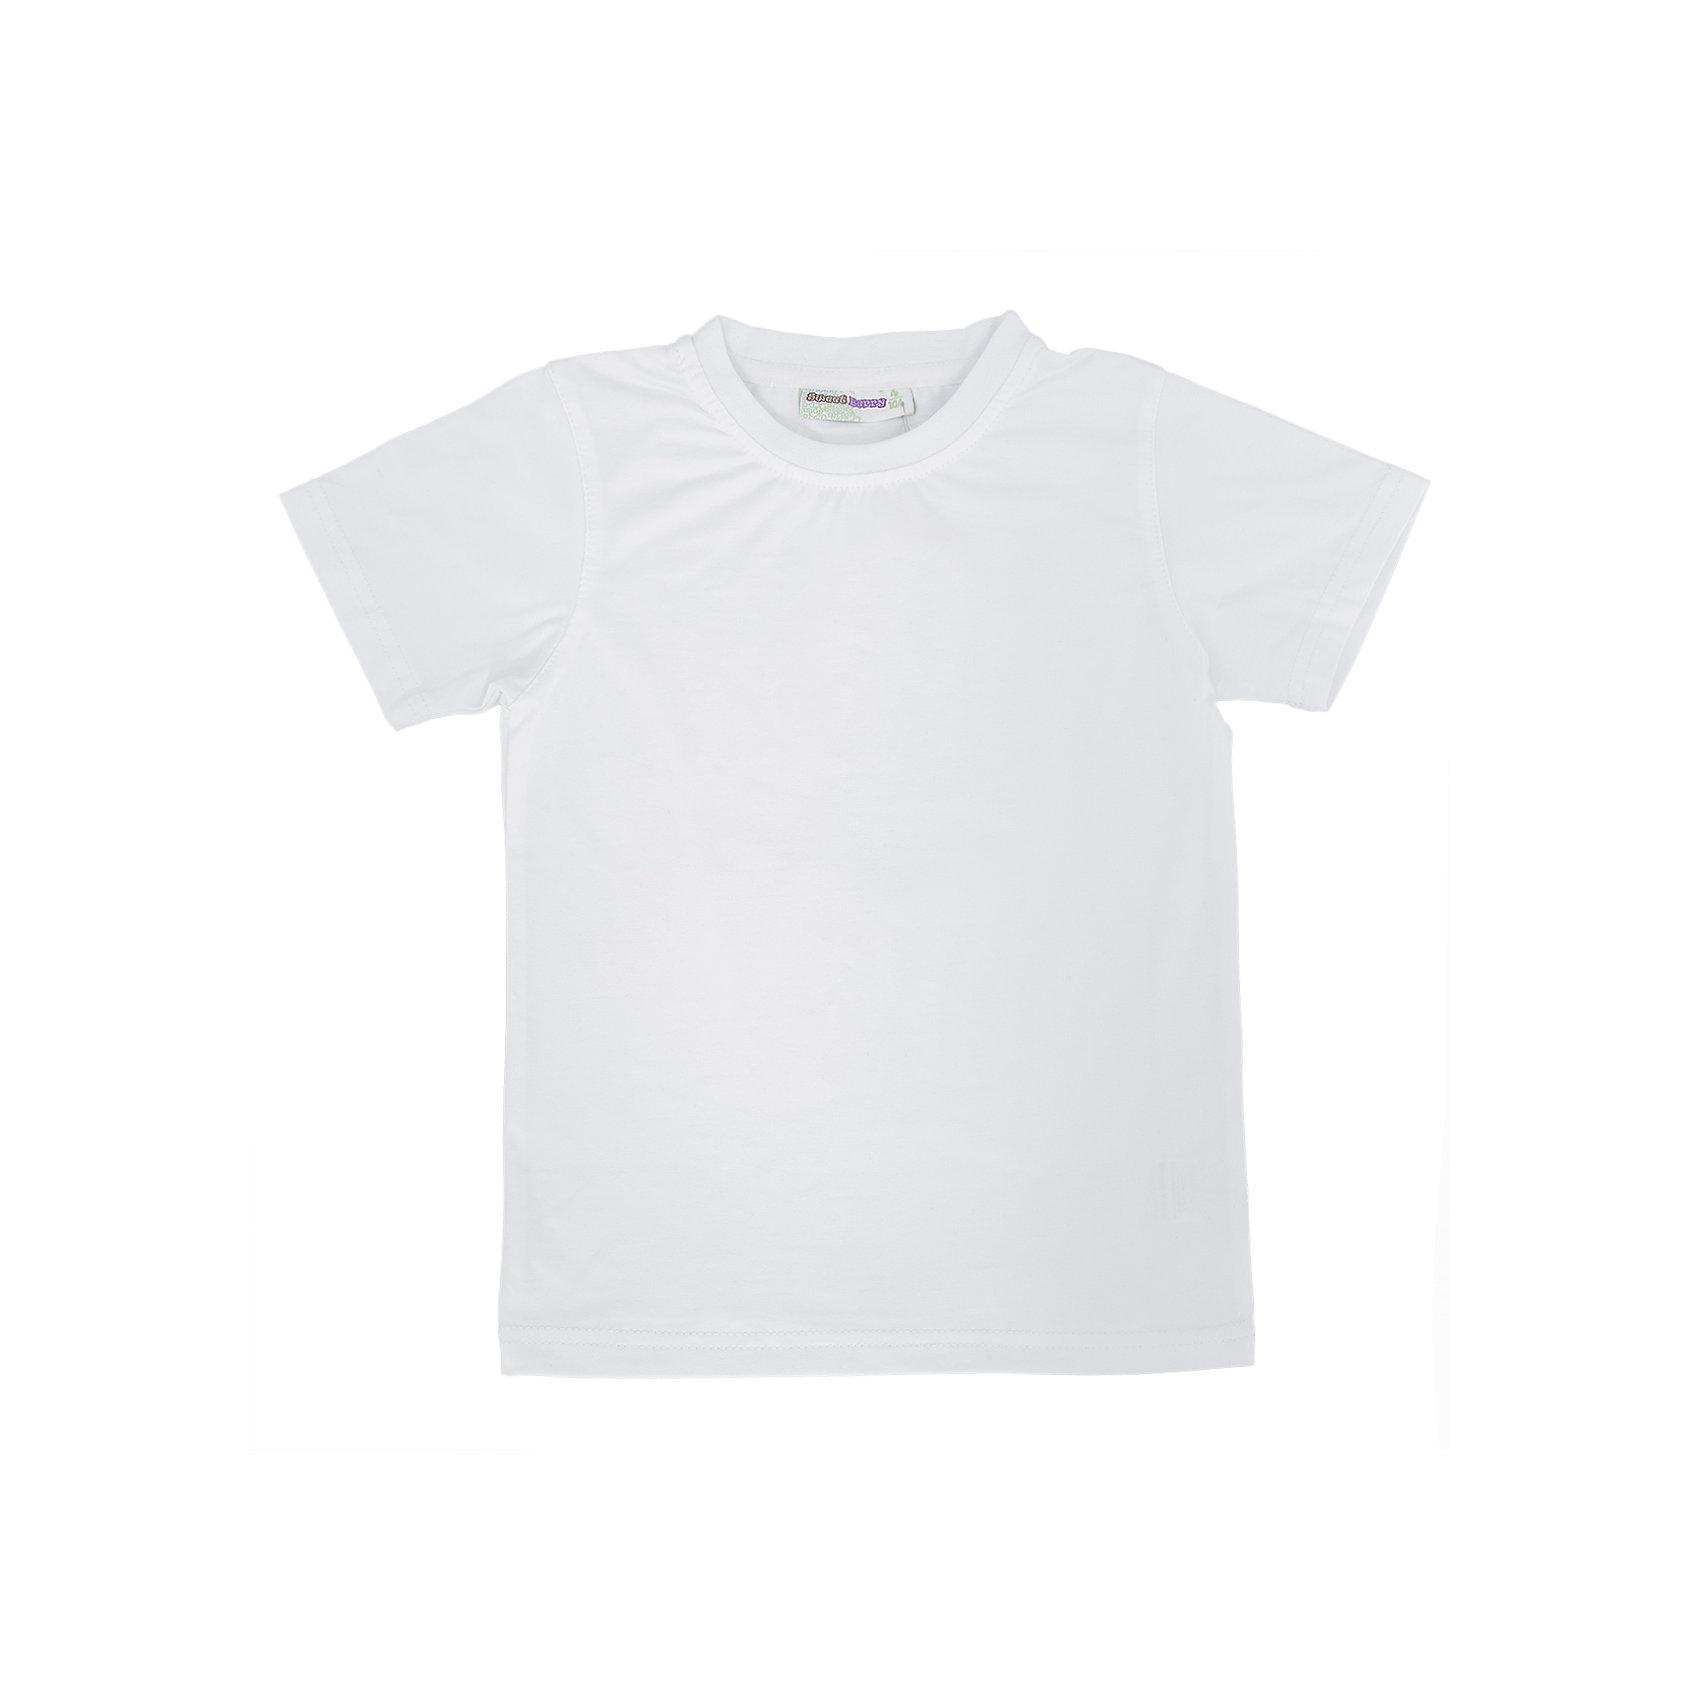 Футболка для мальчика Sweet BerryТакая футболка для мальчика отличается мягким и приятным на ощупь материалом. Удачный крой обеспечит ребенку комфорт даже при занятиях спортом. Горловина изделия обработана мягкой резинкой, поэтому вещь плотно прилегает к телу там, где нужно, и отлично сидит по фигуре.<br>Одежда от бренда Sweet Berry - это простой и выгодный способ одеть ребенка удобно и стильно. Всё изделия тщательно проработаны: швы - прочные, материал - качественный, фурнитура - подобранная специально для детей. <br><br>Дополнительная информация:<br><br>цвет: белый;<br>материал: 95% хлопок, 5% эластан;<br>горловина обработана резинкой.<br><br>Футболку для мальчика от бренда Sweet Berry можно купить в нашем интернет-магазине.<br><br>Ширина мм: 199<br>Глубина мм: 10<br>Высота мм: 161<br>Вес г: 151<br>Цвет: белый<br>Возраст от месяцев: 24<br>Возраст до месяцев: 36<br>Пол: Мужской<br>Возраст: Детский<br>Размер: 98,104,110,116,122,128<br>SKU: 4930802